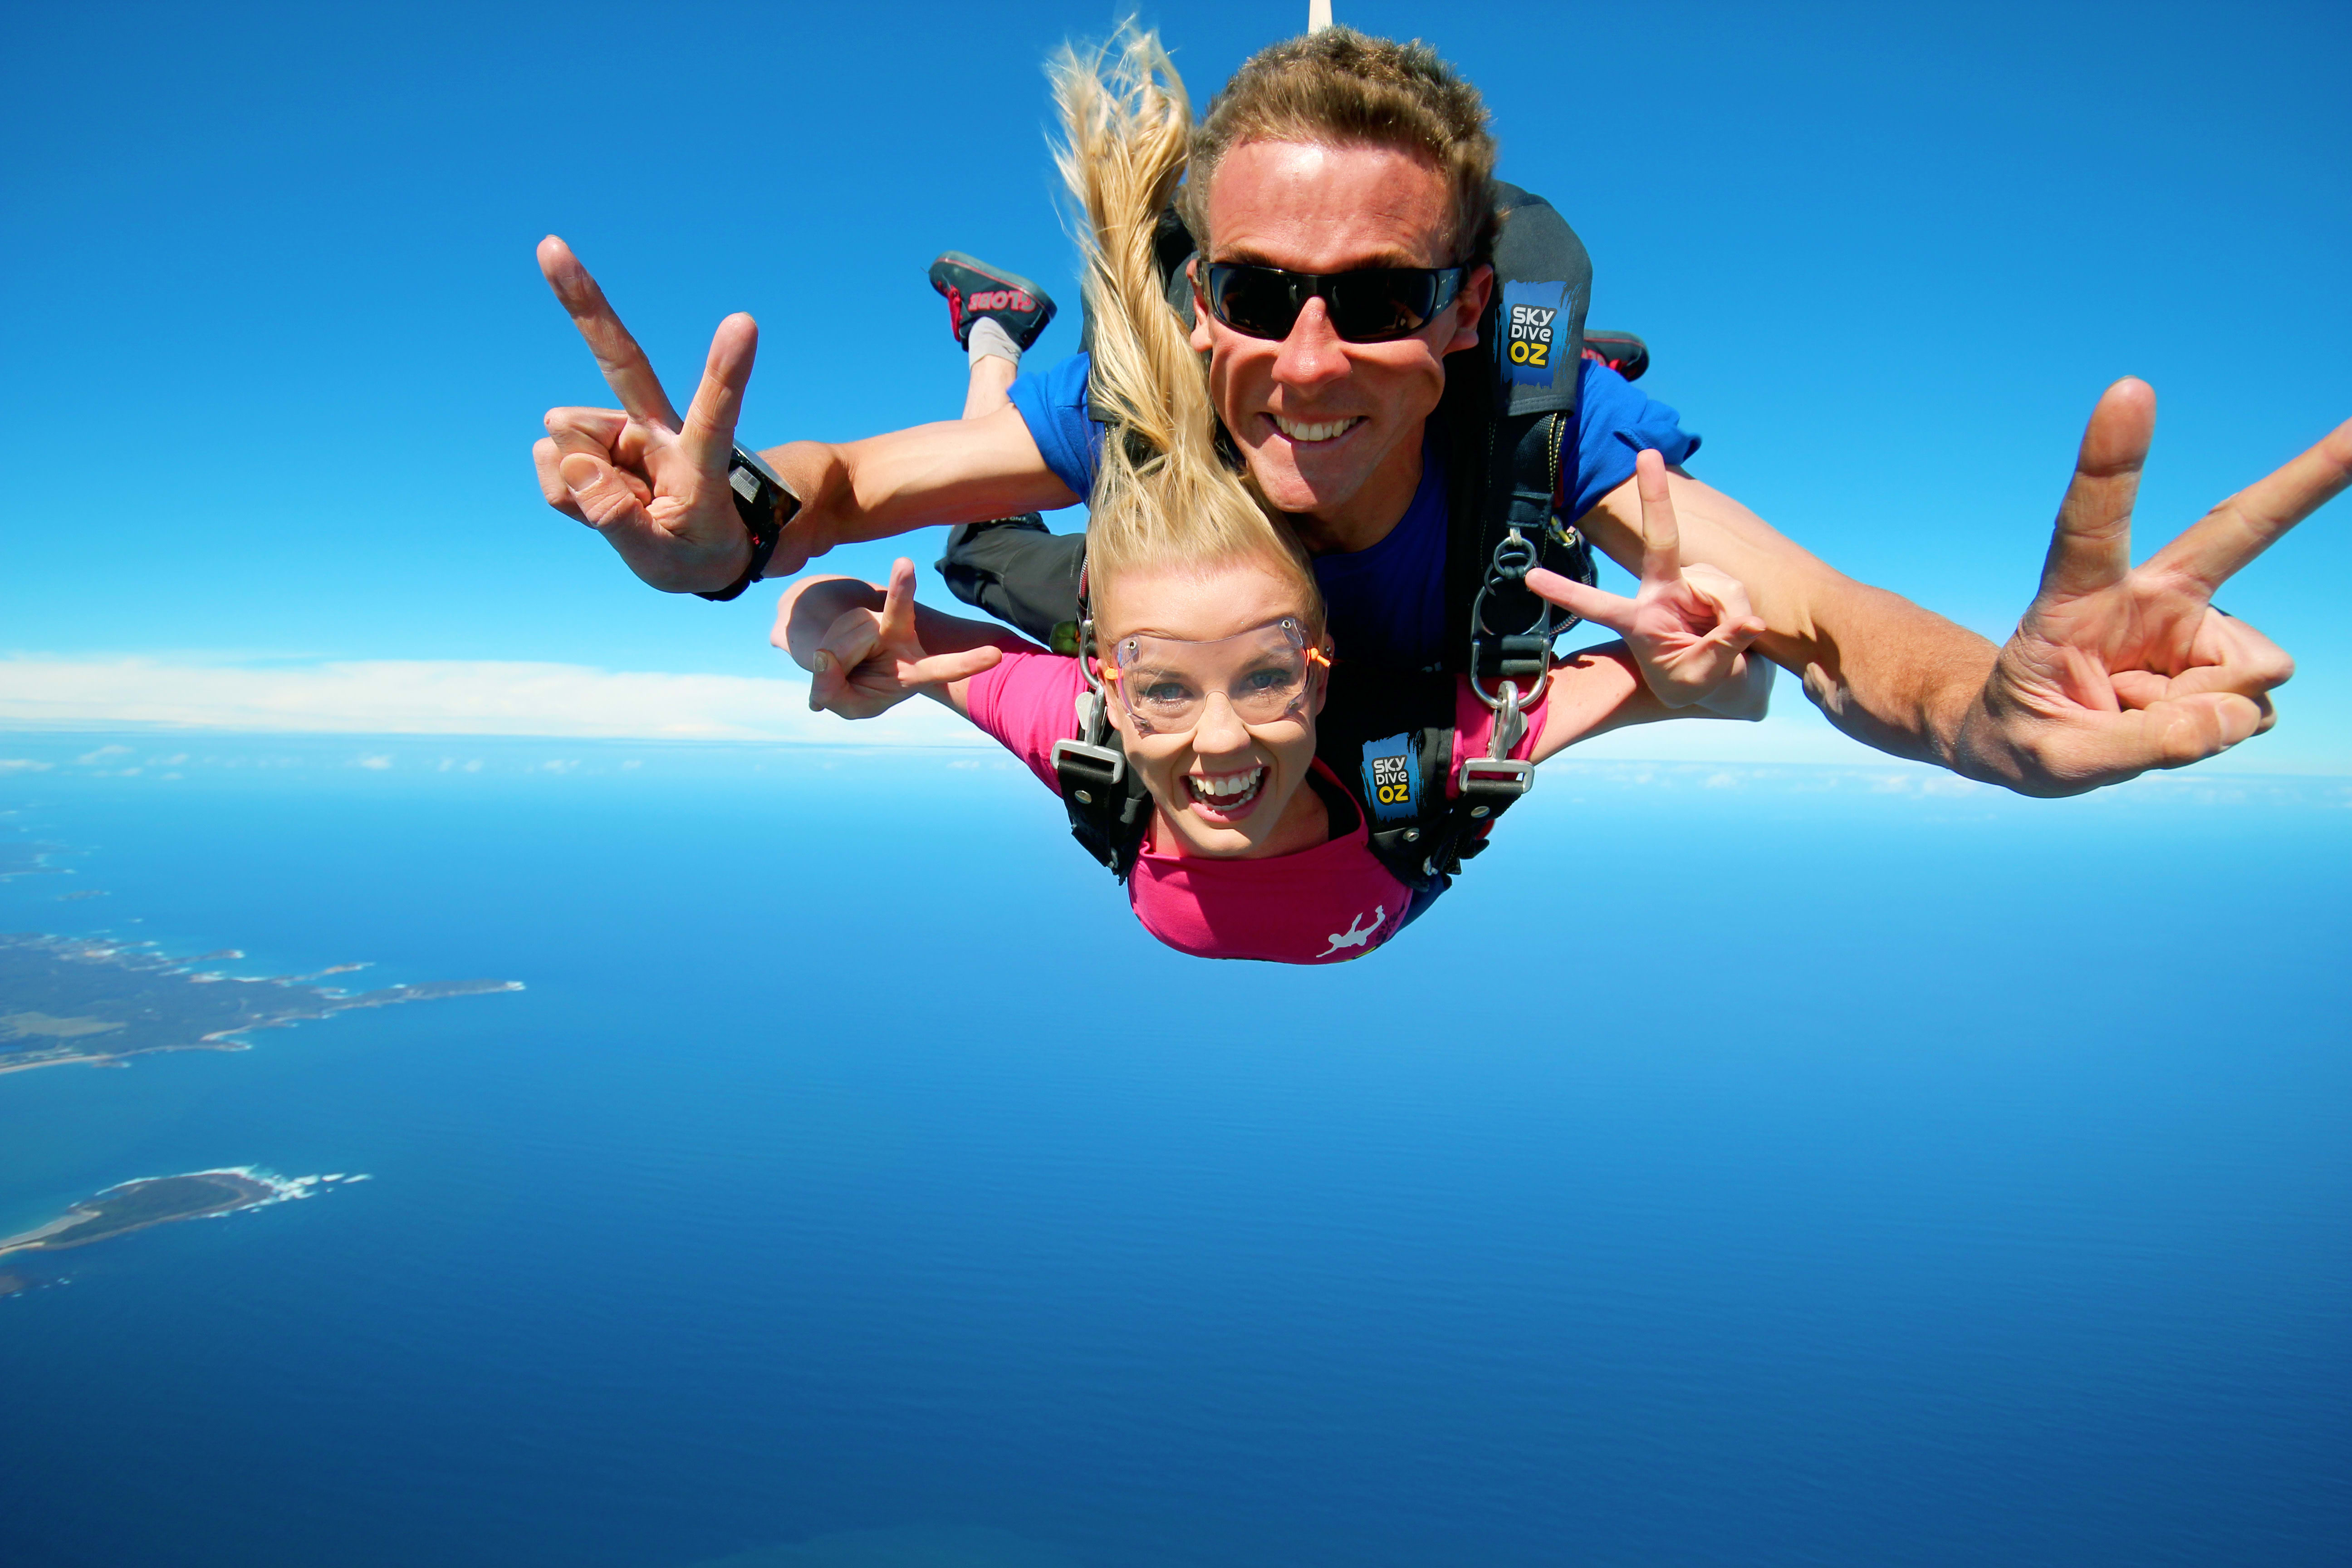 Tandem Skydive from 15,000ft - Batemans Bay